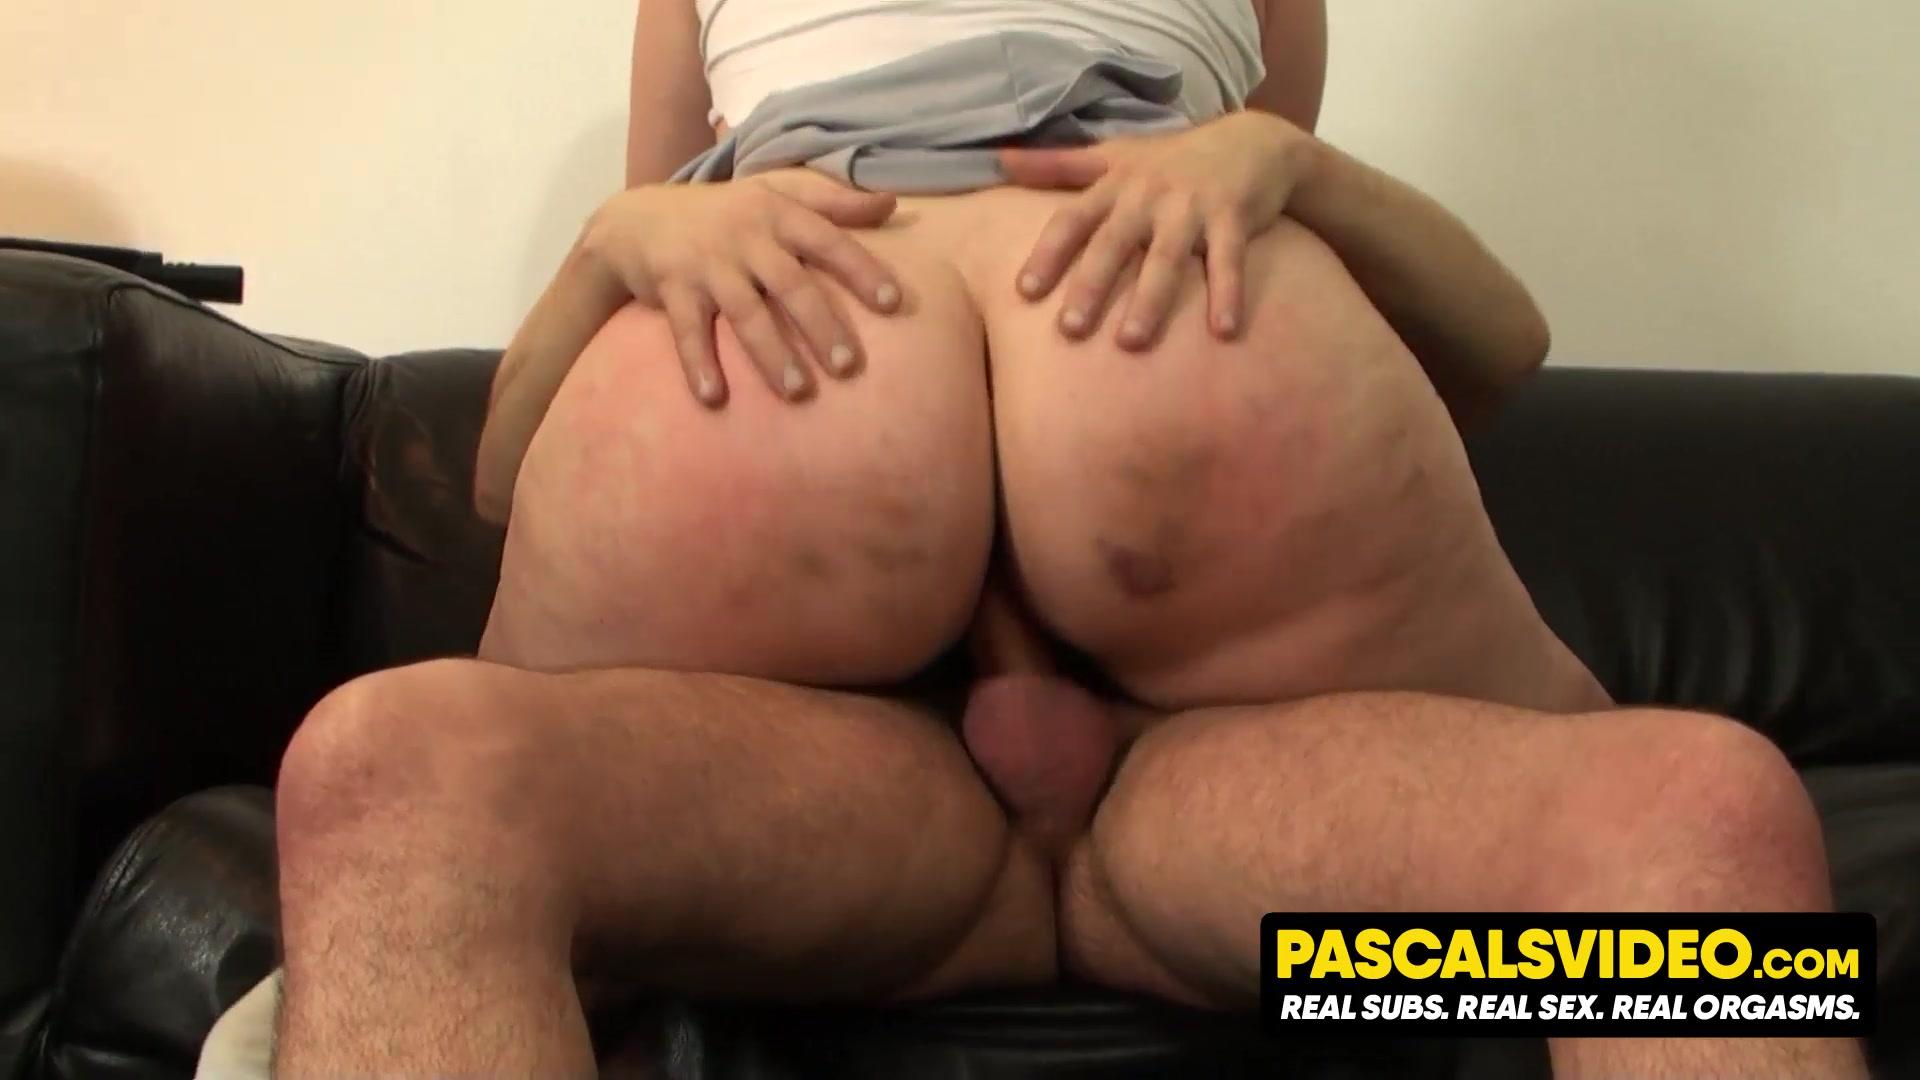 Nude gallery Candice swanepoel porno